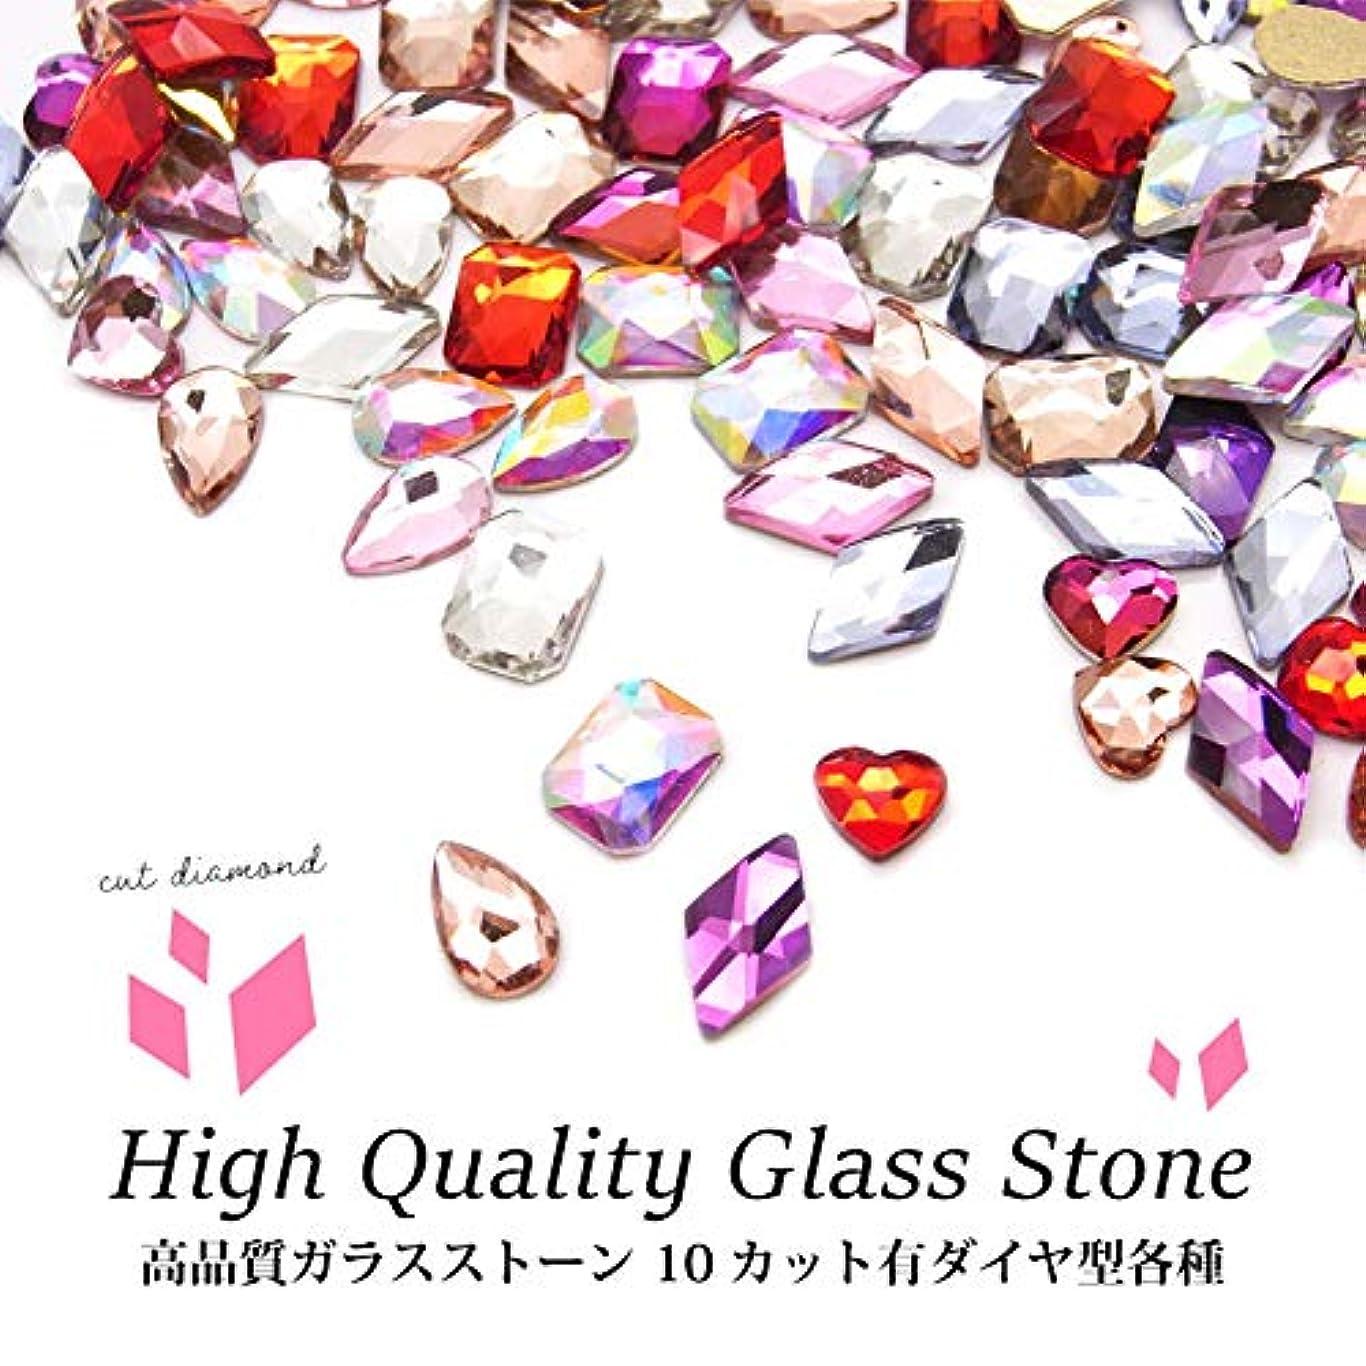 高い浮浪者忍耐高品質ガラスストーン 10 カット有ダイヤ型 各種 5個入り (6.ライトローズ)